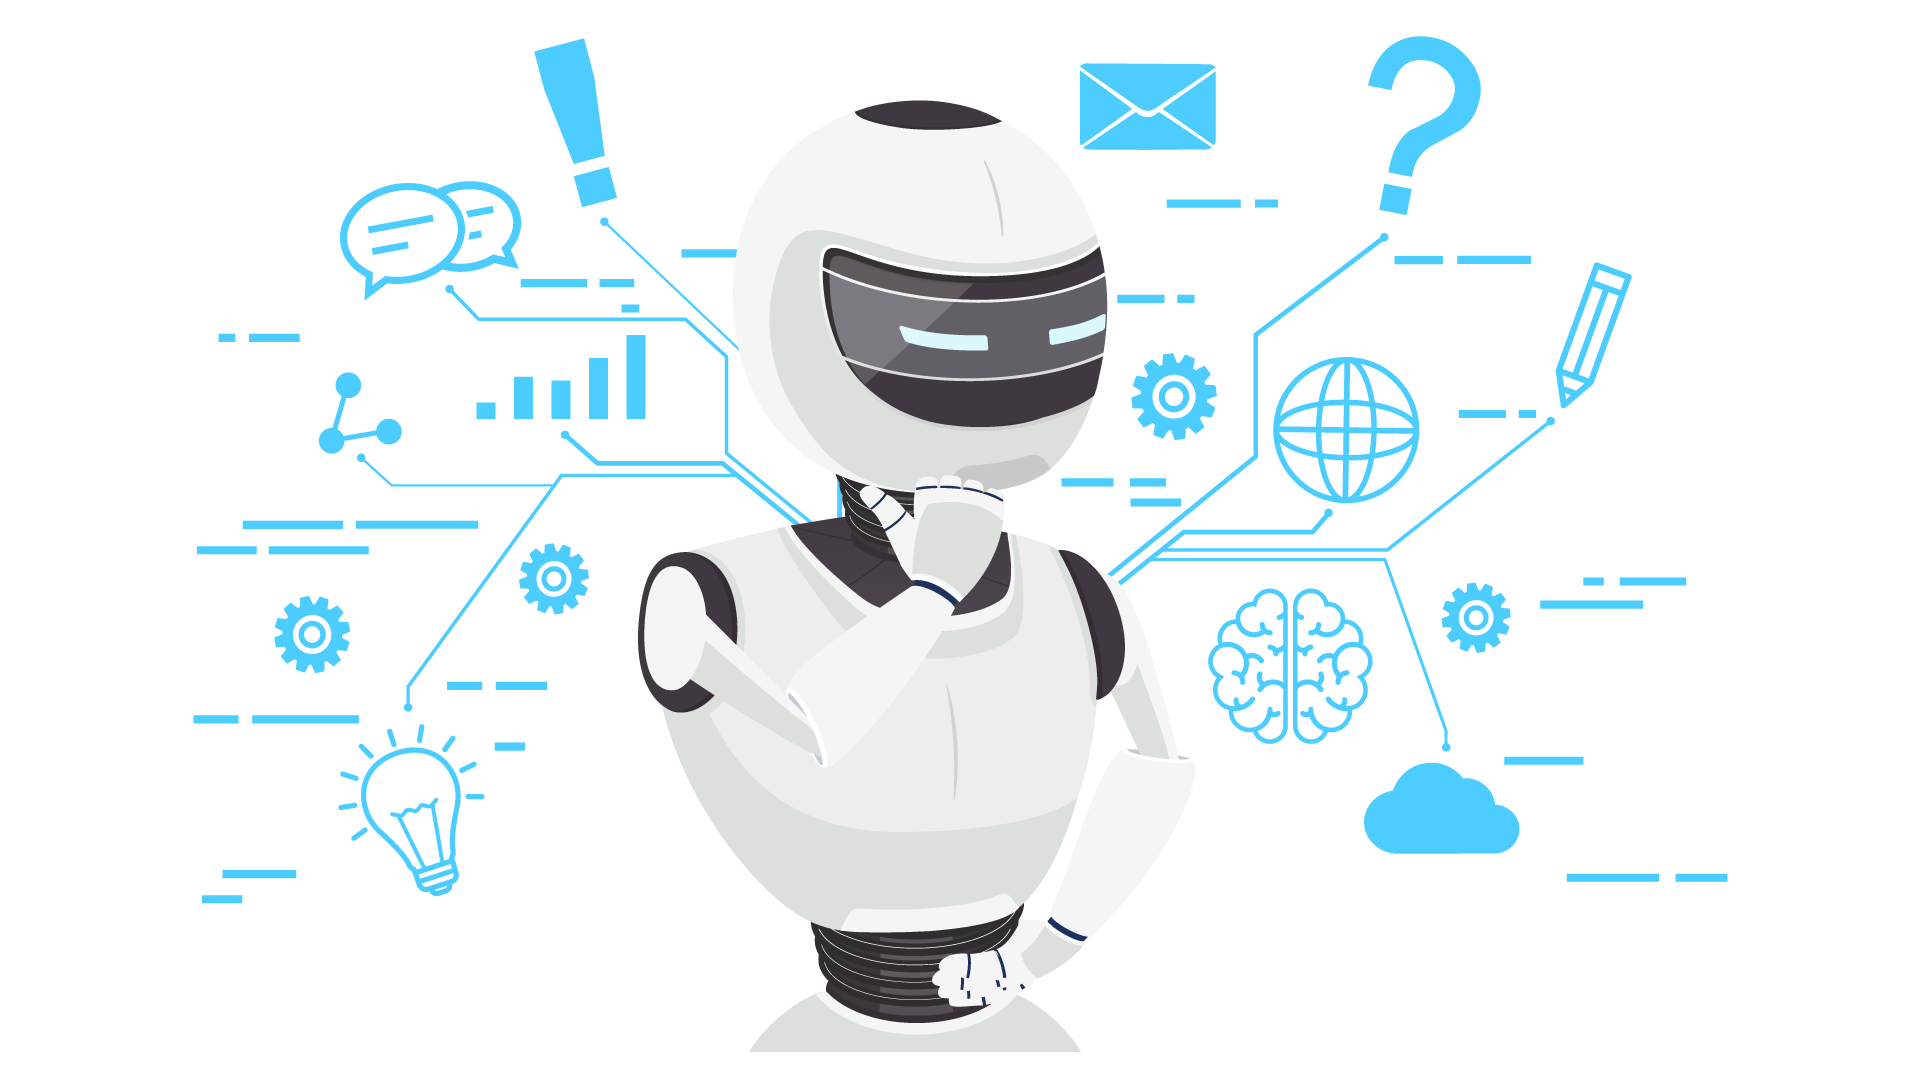 فناوری های مبتنی بر هوش مصنوعی